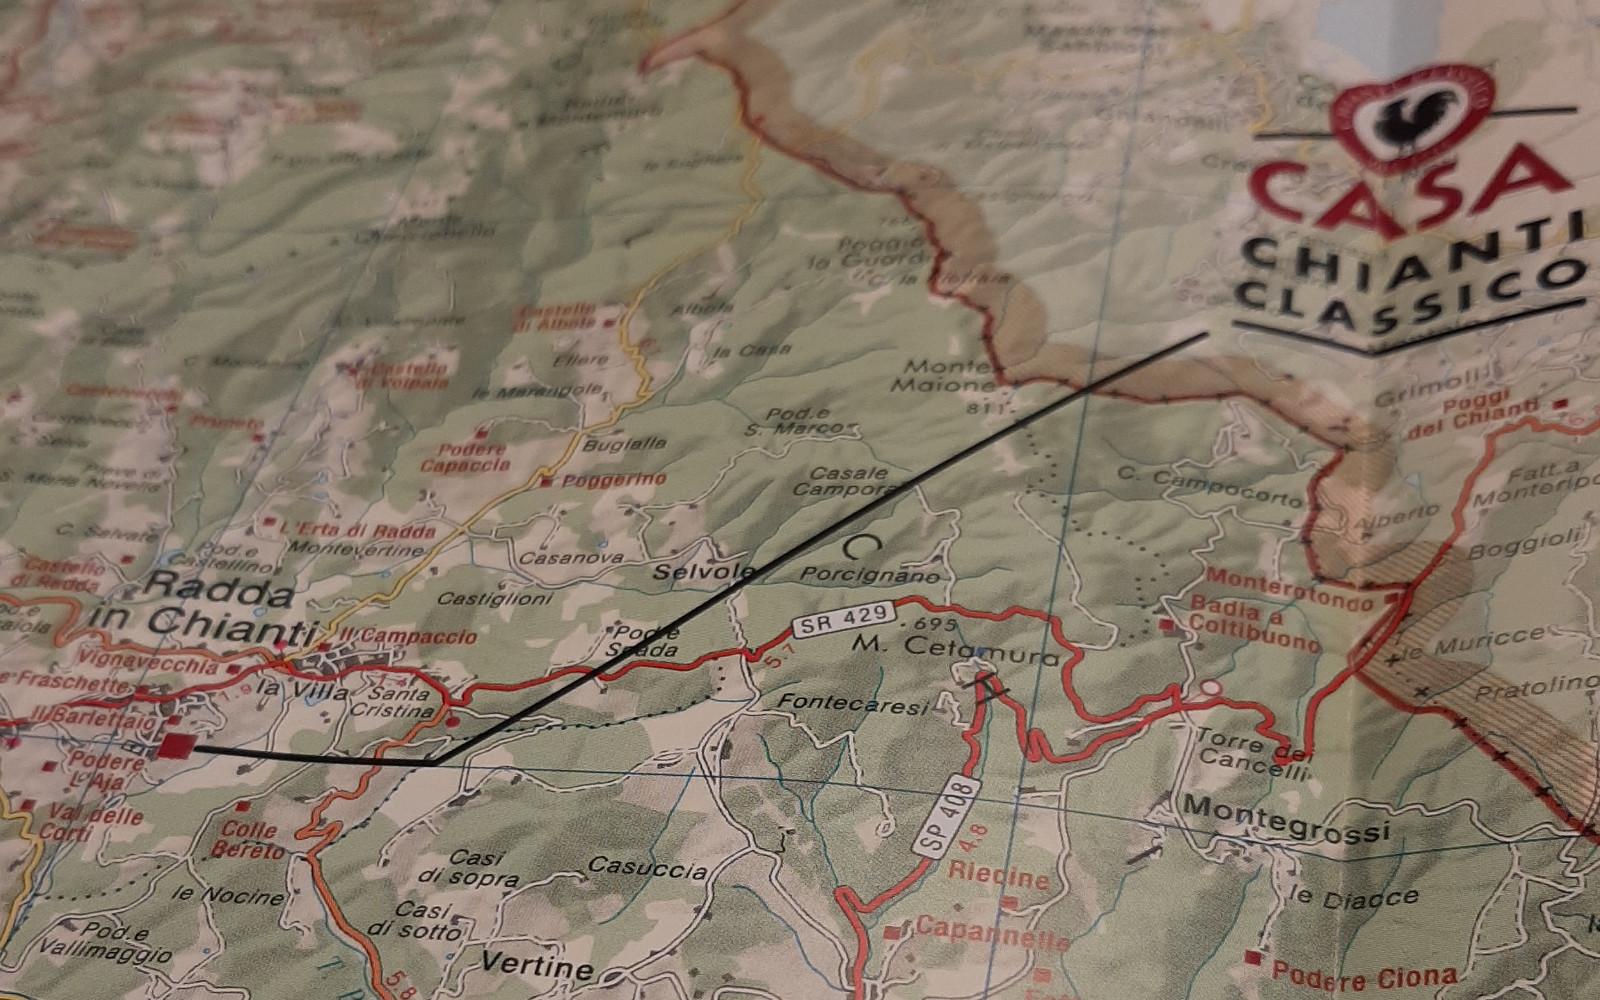 kaart Chianti wijnstreek in Toscane Italie